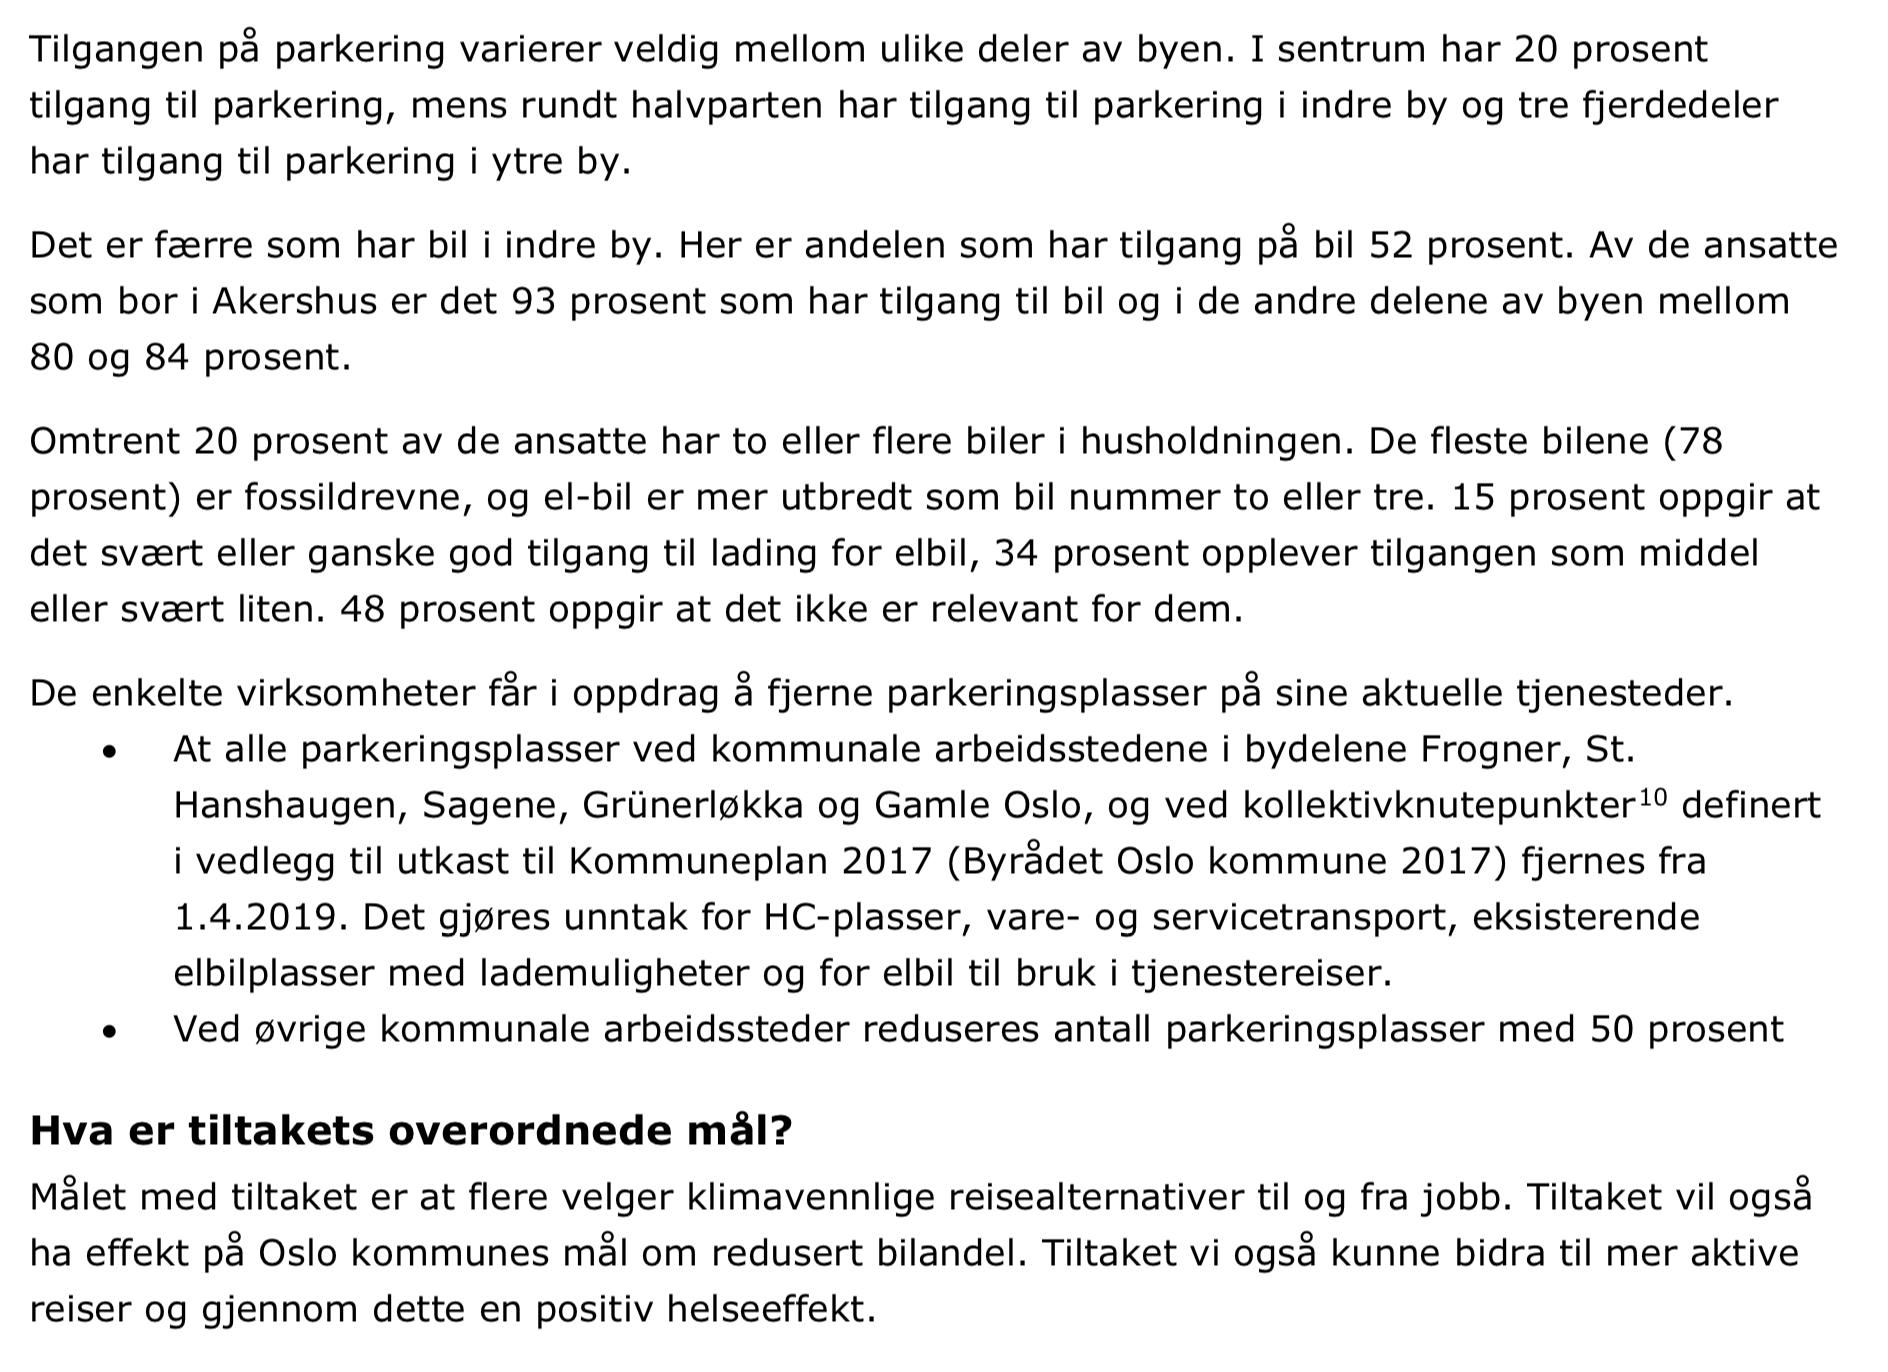 Skjermbilde 2019-03-19 kl. 08.08.53.png